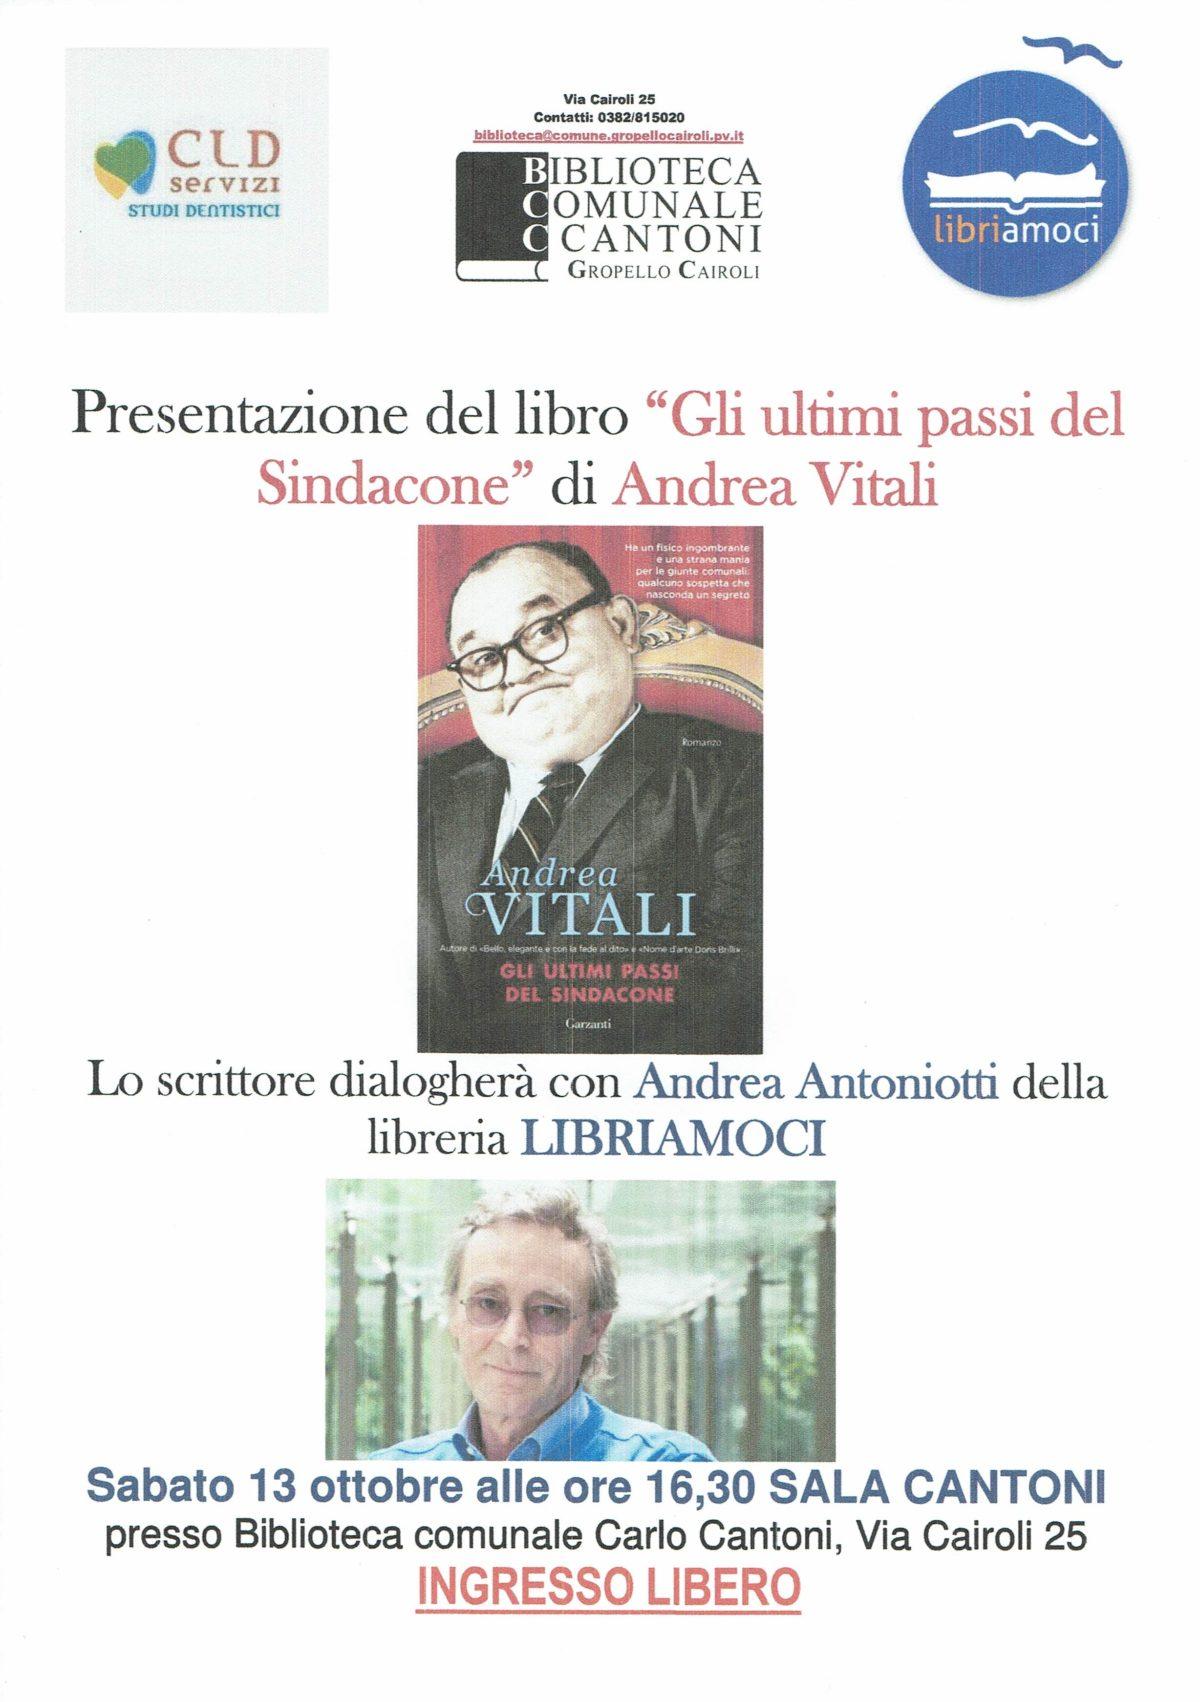 Biblioteca: Sabato 13 ottobre ore 16,30 incontro con lo scrittore Andrea Vitali